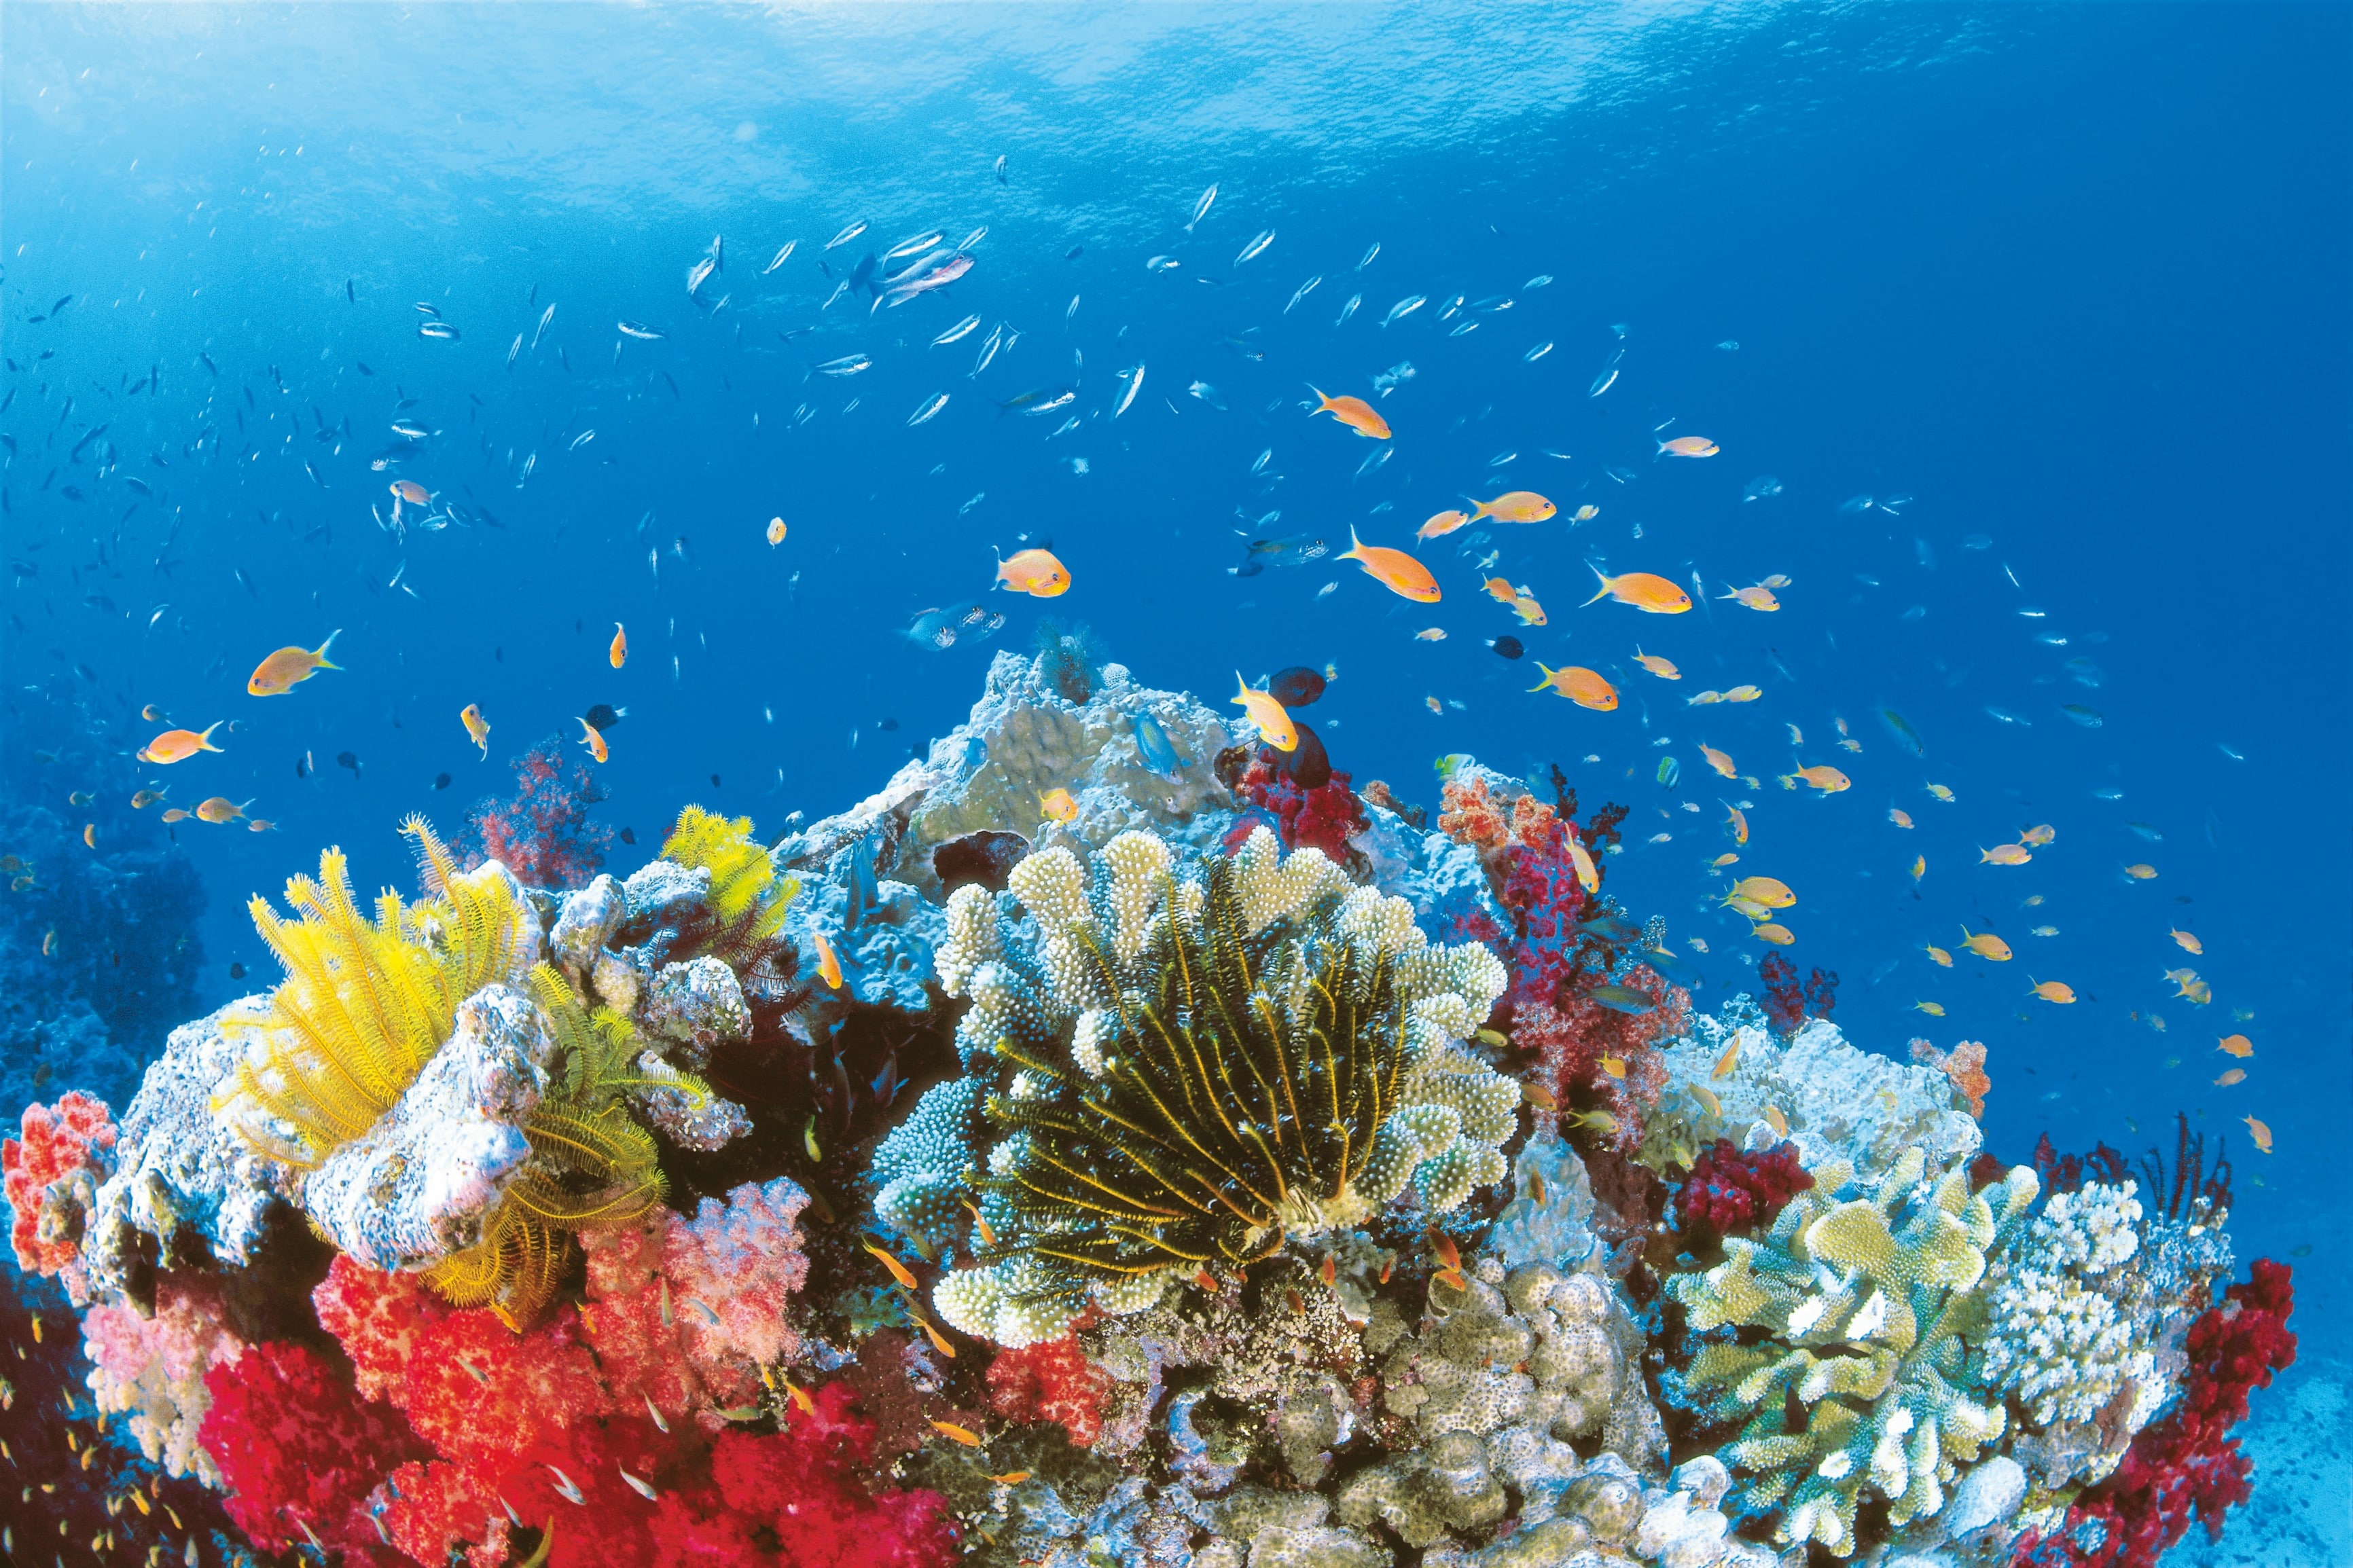 Sommerliches Unterwasser-Spektakel vor Queensland